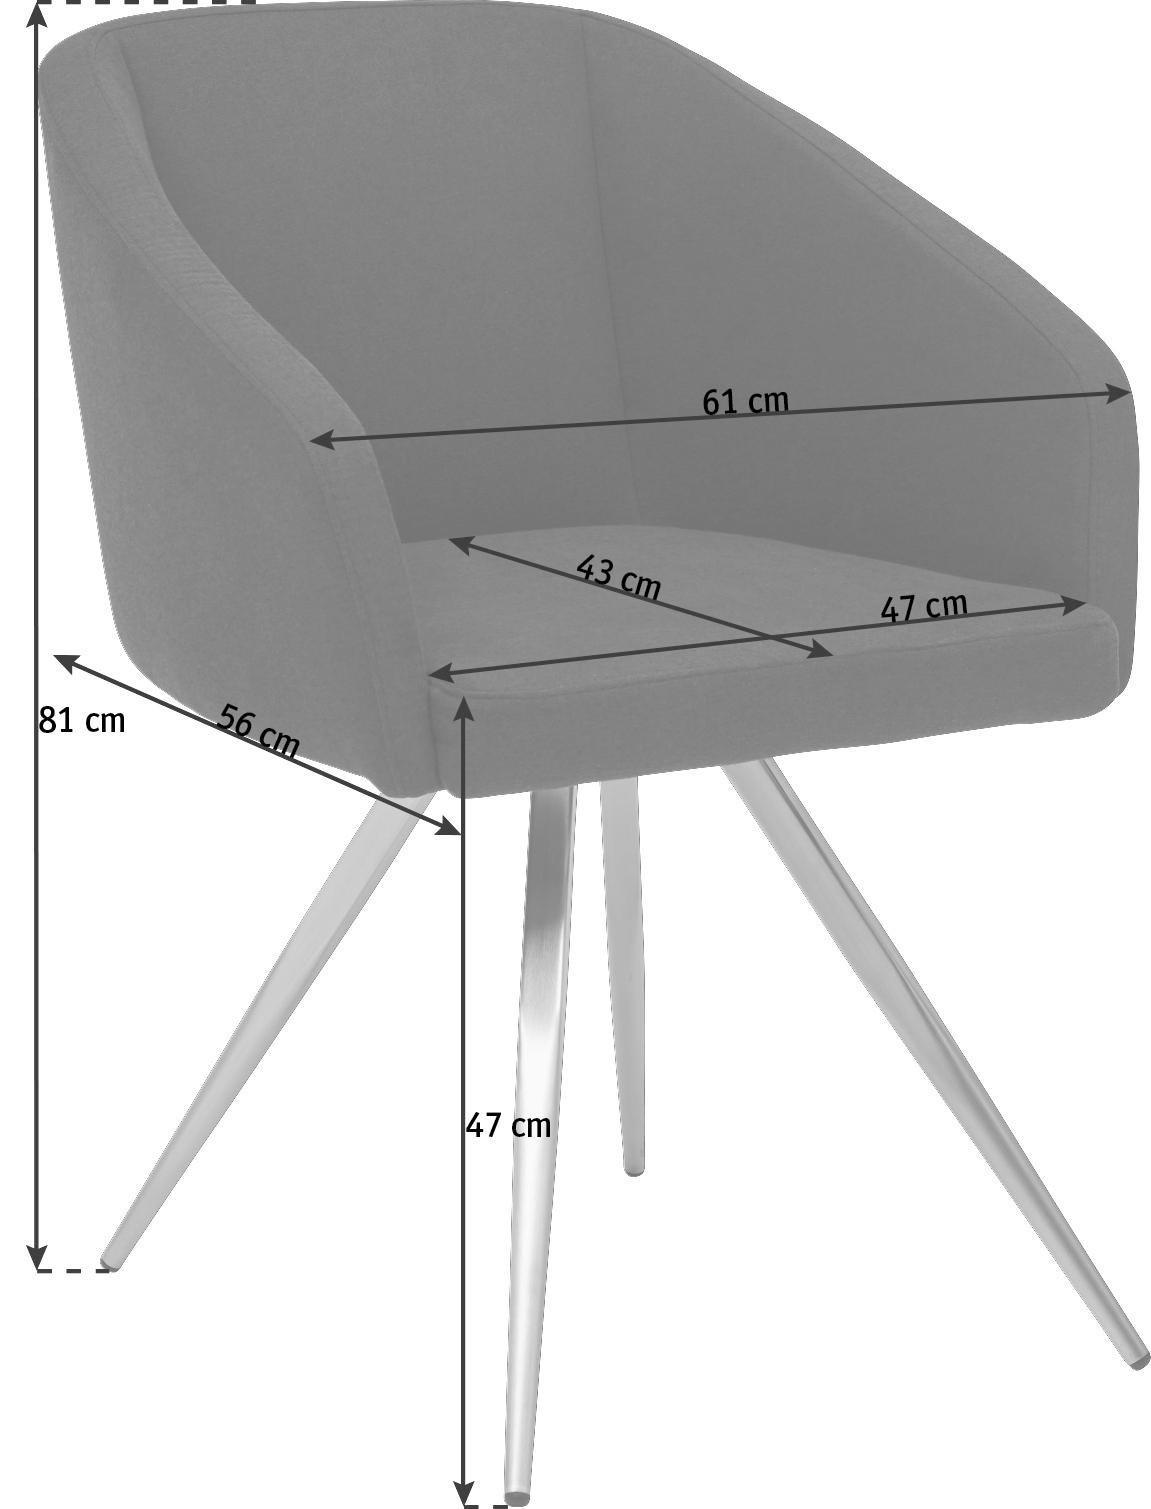 STUHL Flachgewebe, Lederlook Anthrazit, Edelstahlfarben, Schwarz - Edelstahlfarben/Anthrazit, Design, Textil/Metall (61/81/56cm) - DIETER KNOLL